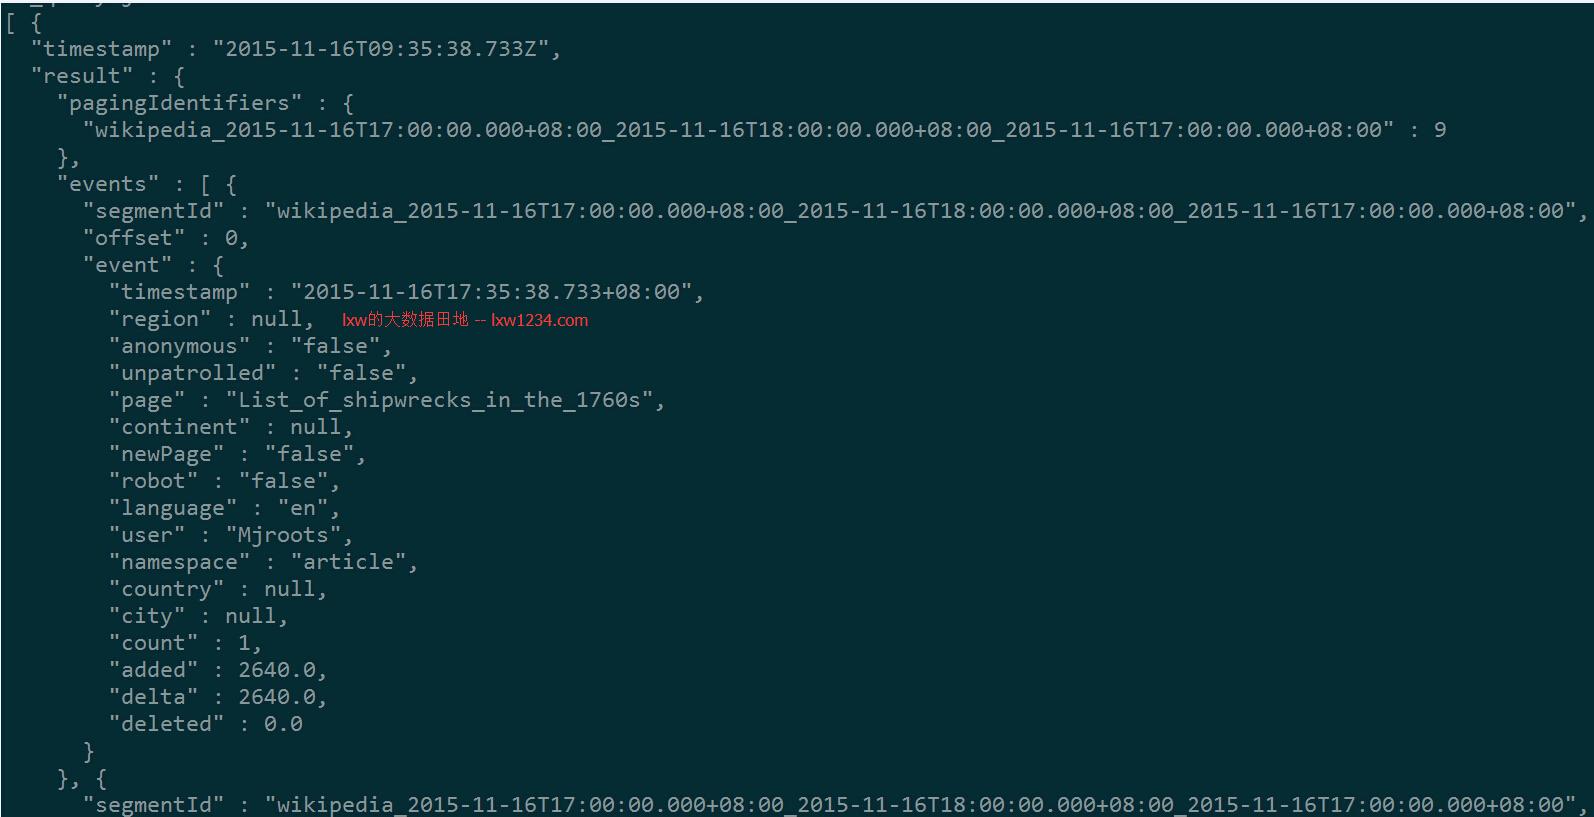 海量数据实时OLAP分析系统-Druid.io安装配置和体验